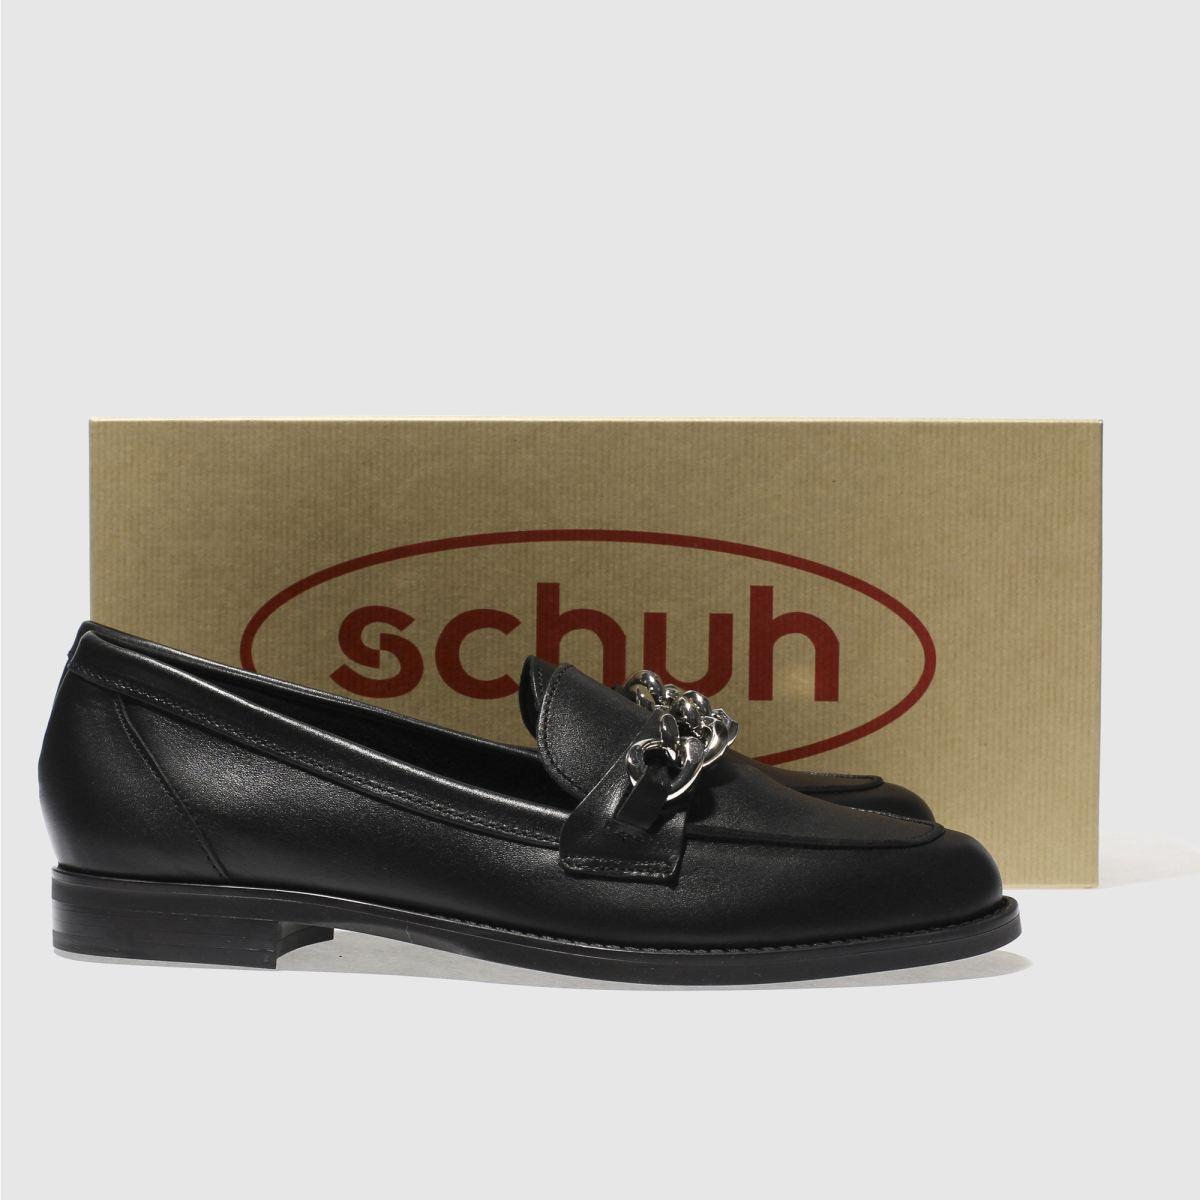 Damen Schwarz schuh Radius Flats   Schuhe schuh Gute Qualität beliebte Schuhe   a99053